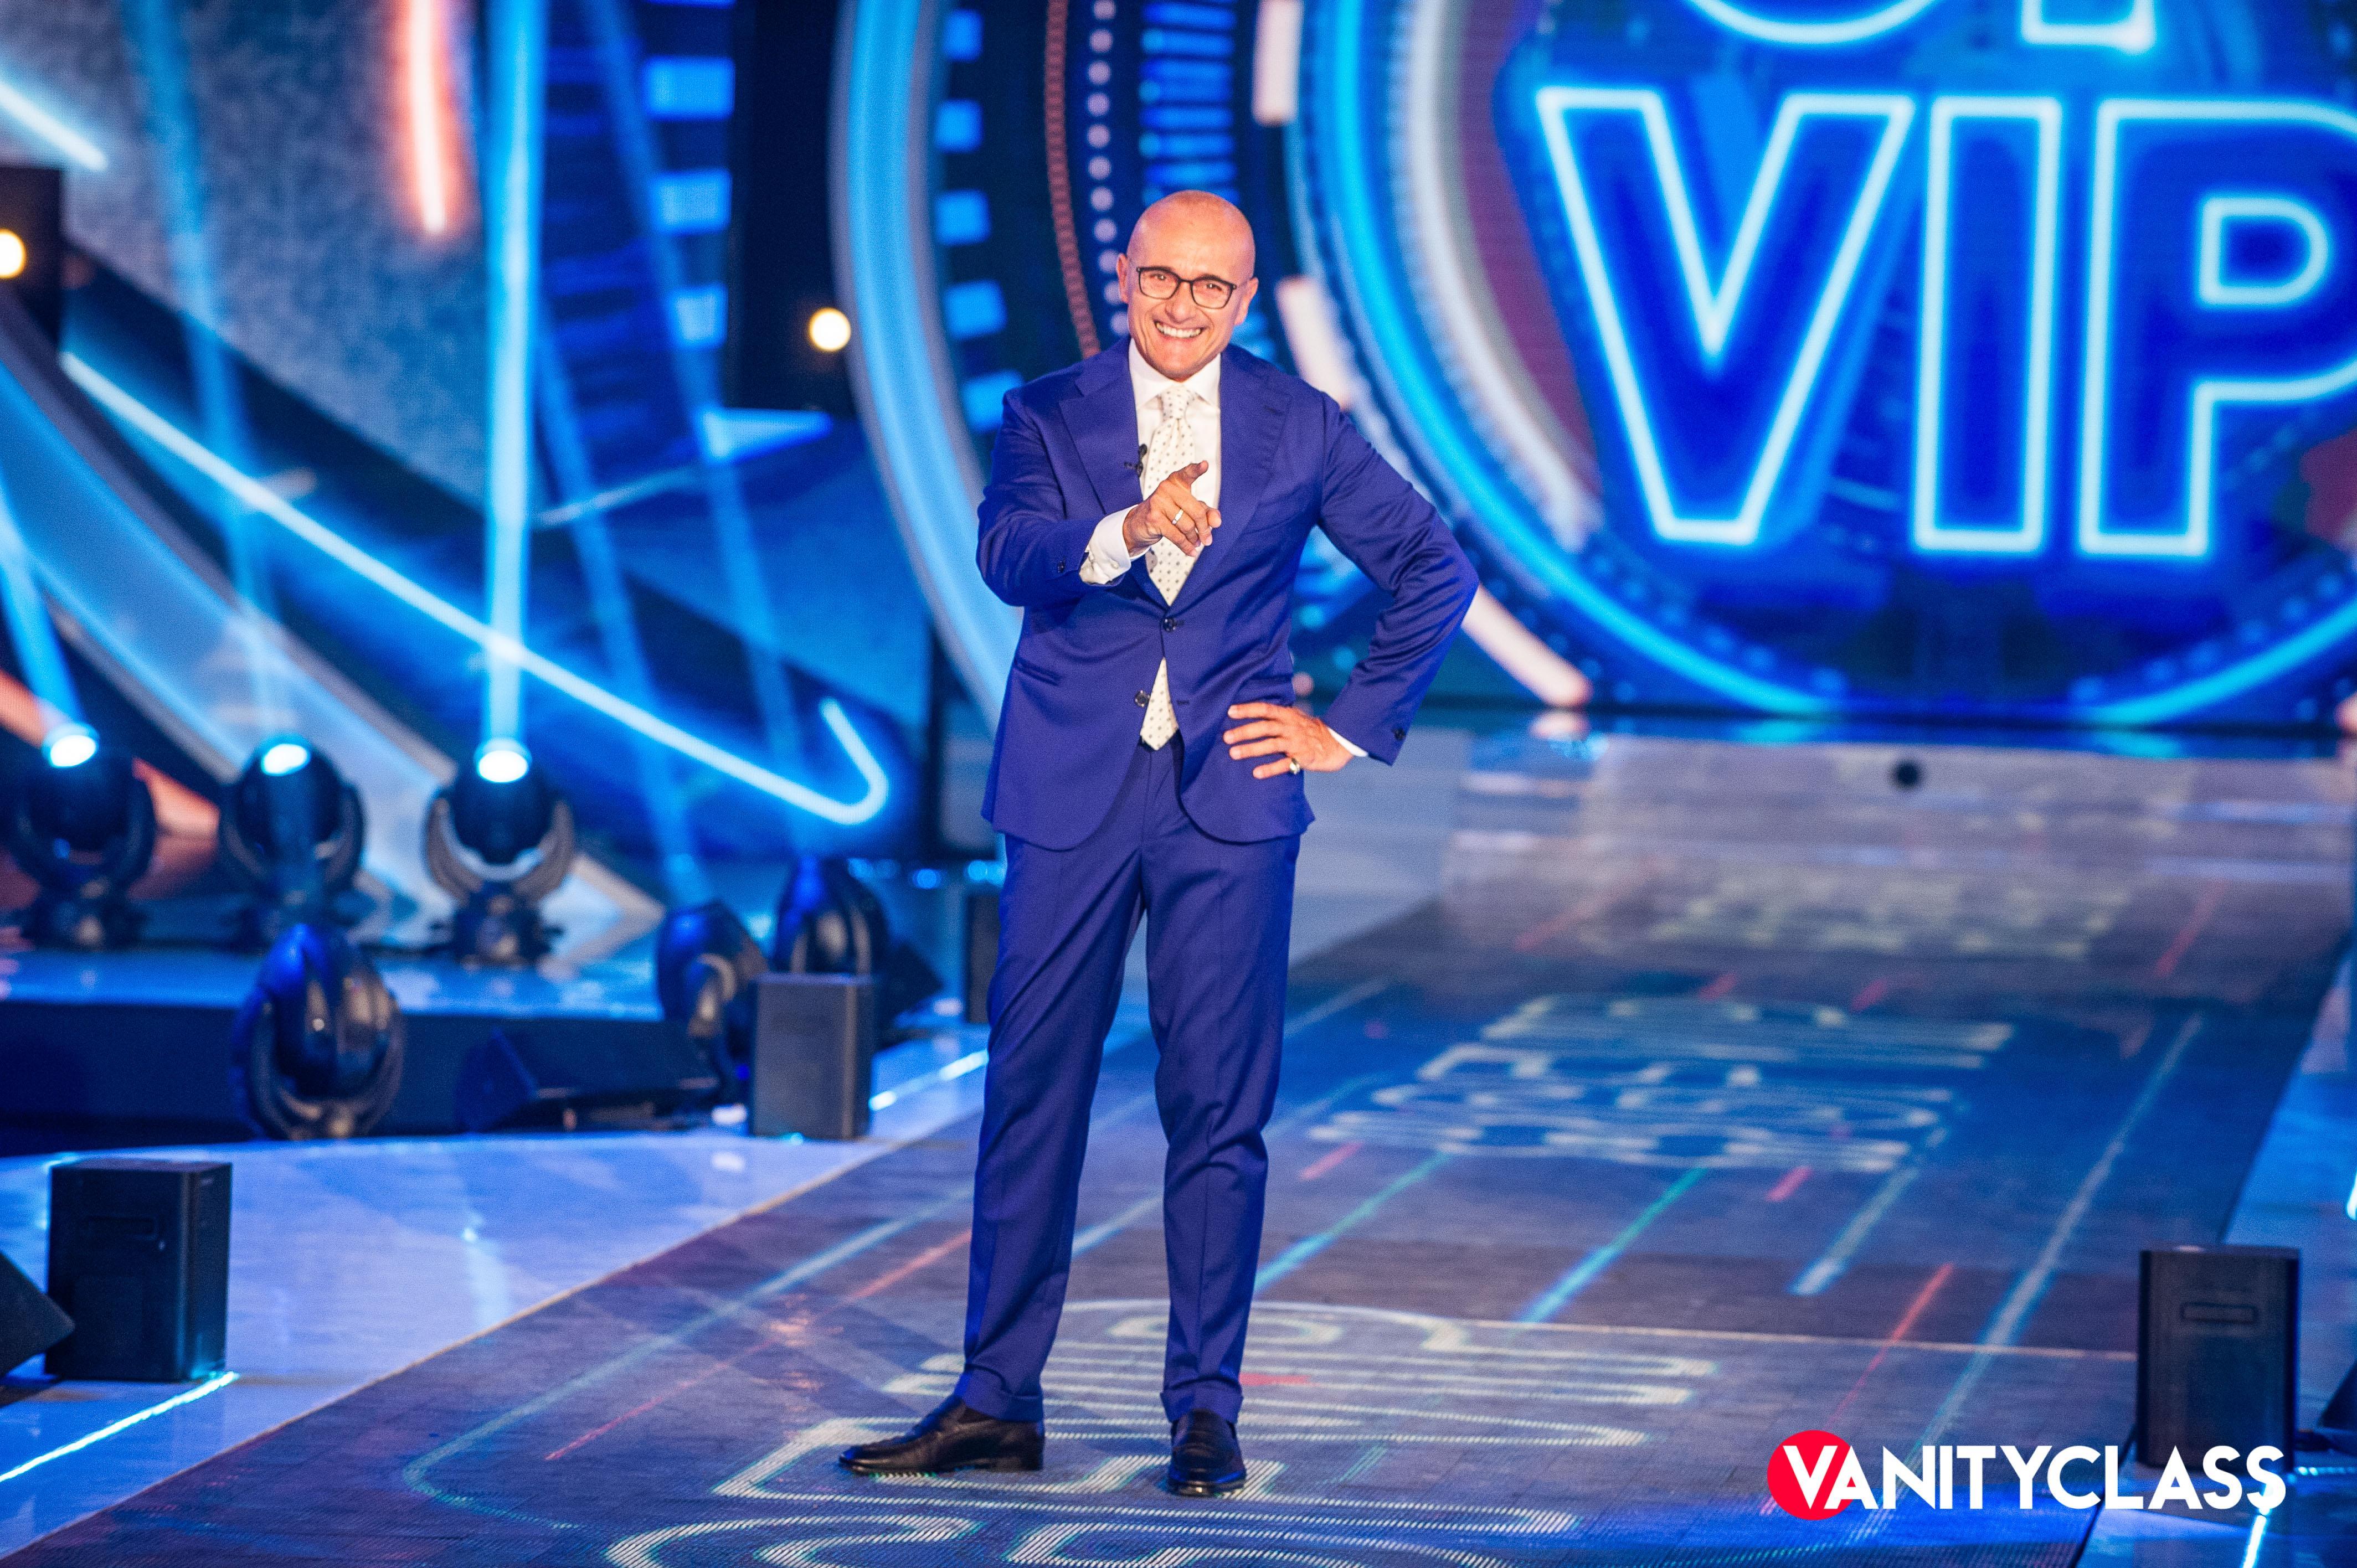 """GRANDE FRATELLO VIP6: """"Ottimo debutto per la sesta Edizione"""""""